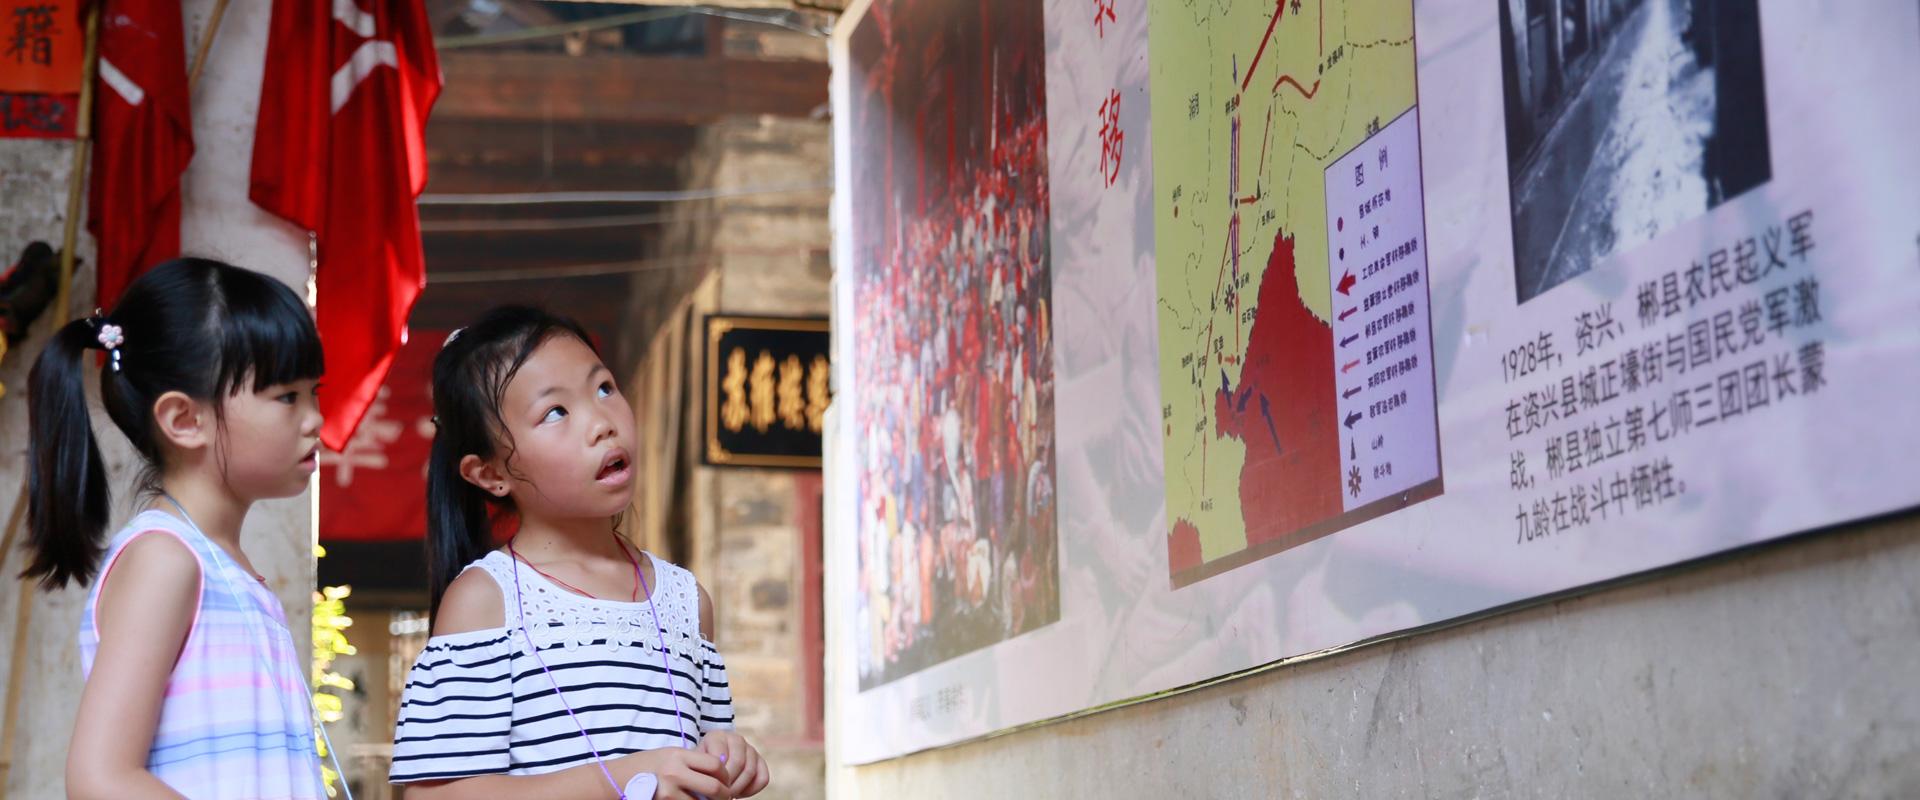 来自香港的黄军婷、黄美茵姐妹俩在资兴县苏维埃政府旧址参观